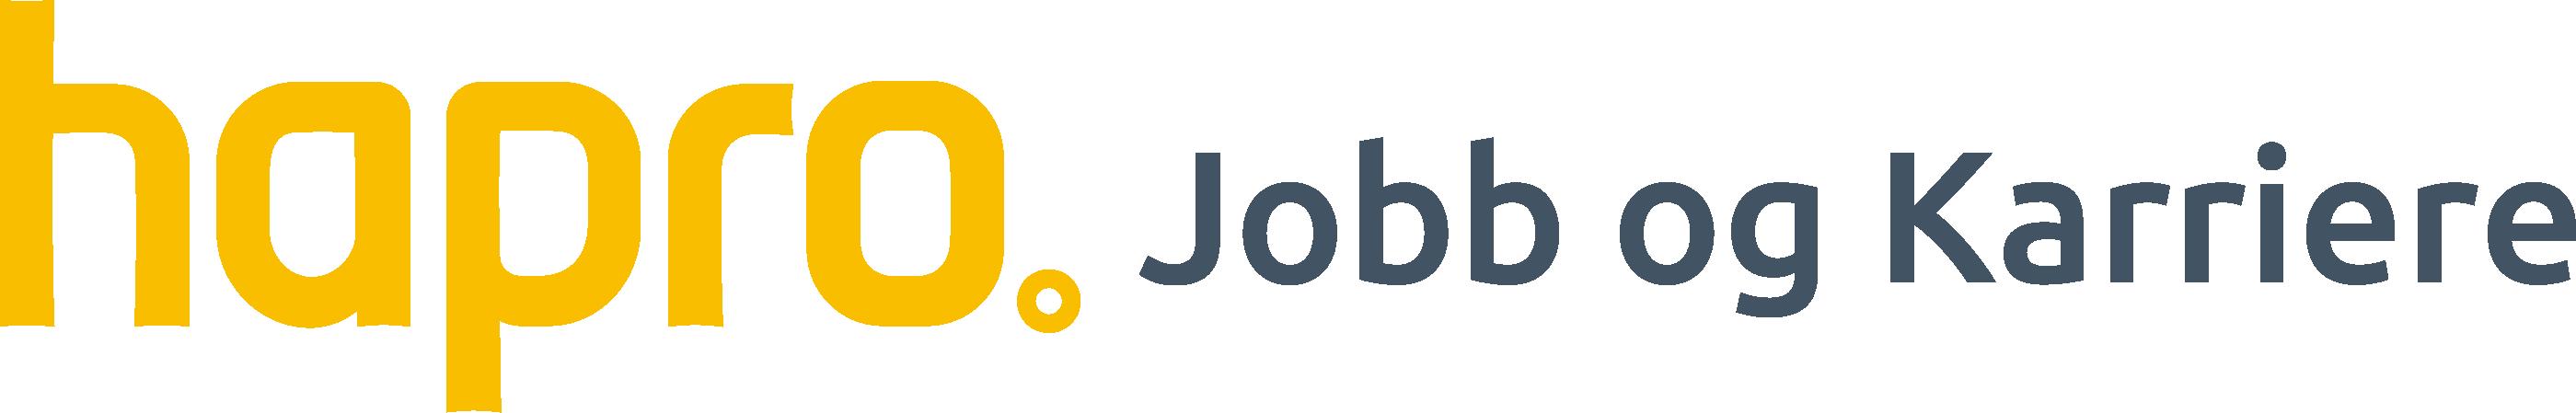 Hapro Jobb og Karriere